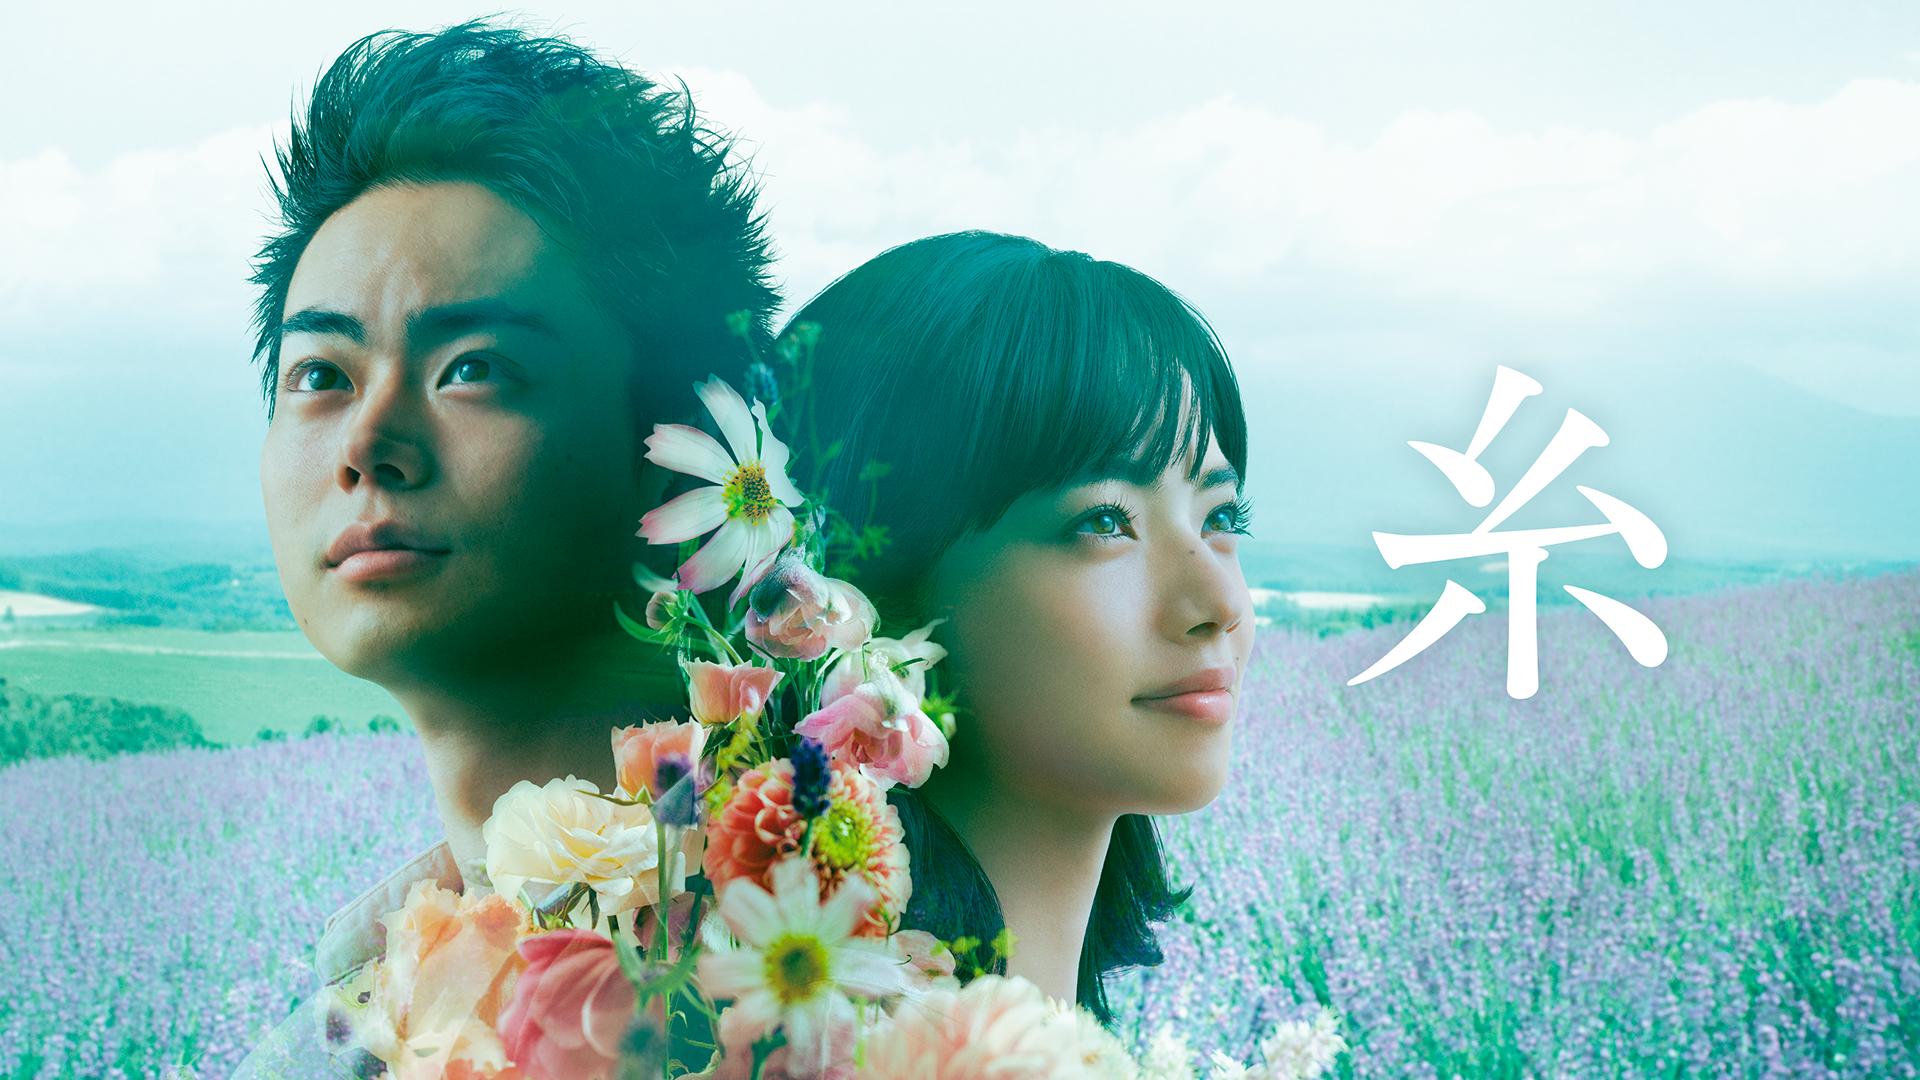 映画『糸』無料動画!見放題でフル視聴できる方法は?おすすめ動画配信サービス